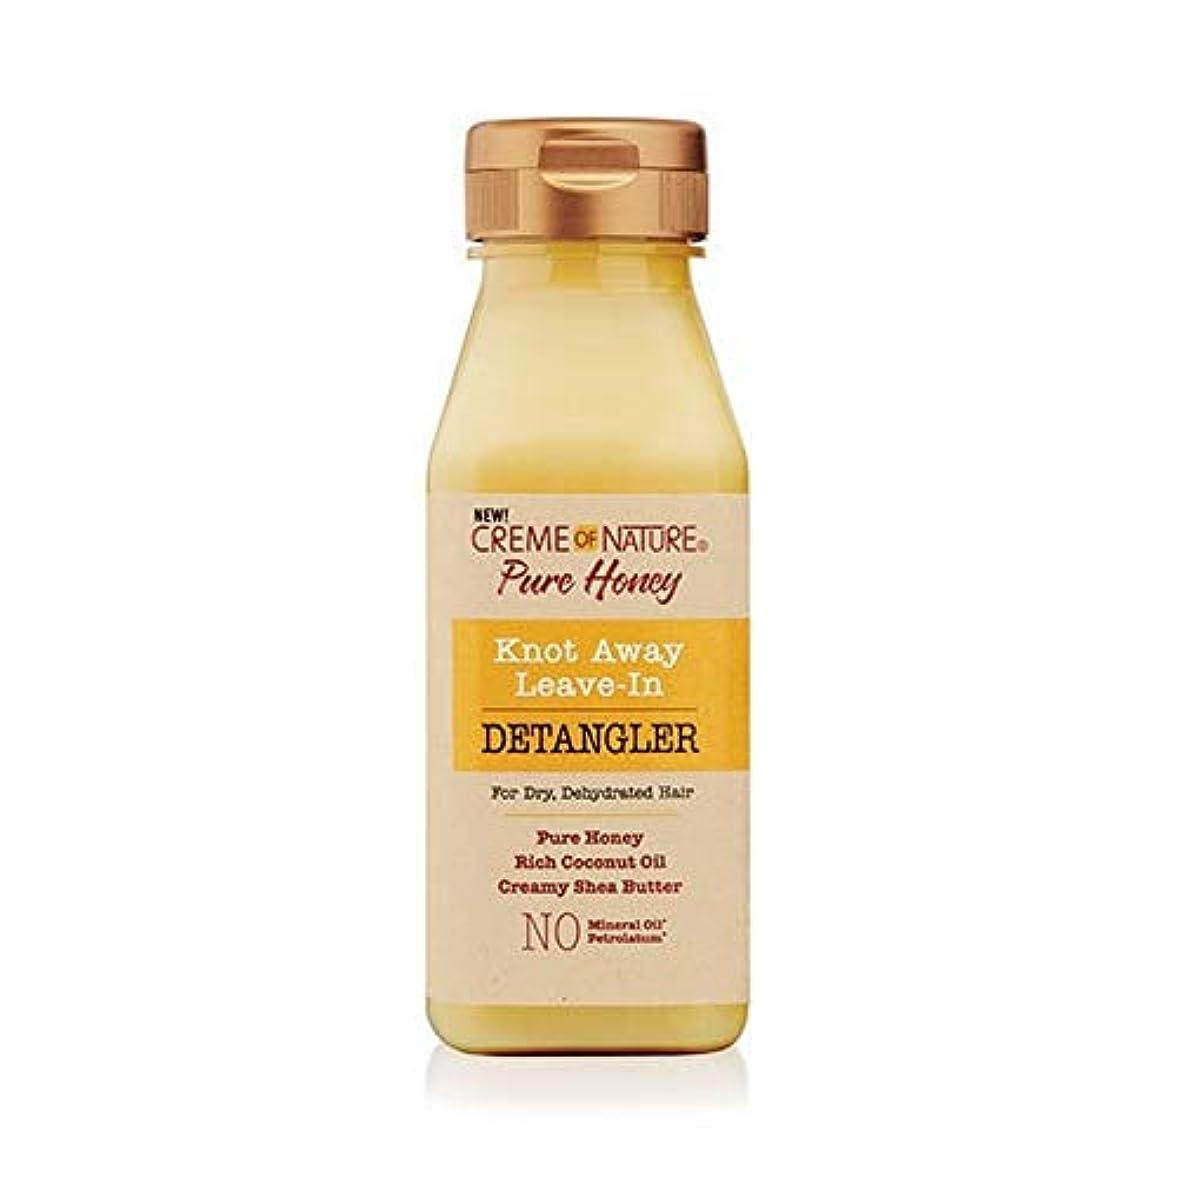 遠足浸透する人工的な[Creme of Nature ] 自然の純粋な蜂蜜の結び目のクリームは離れDetanglerに残します - Creme of Nature Pure Honey Knot Away Leave in Detangler...